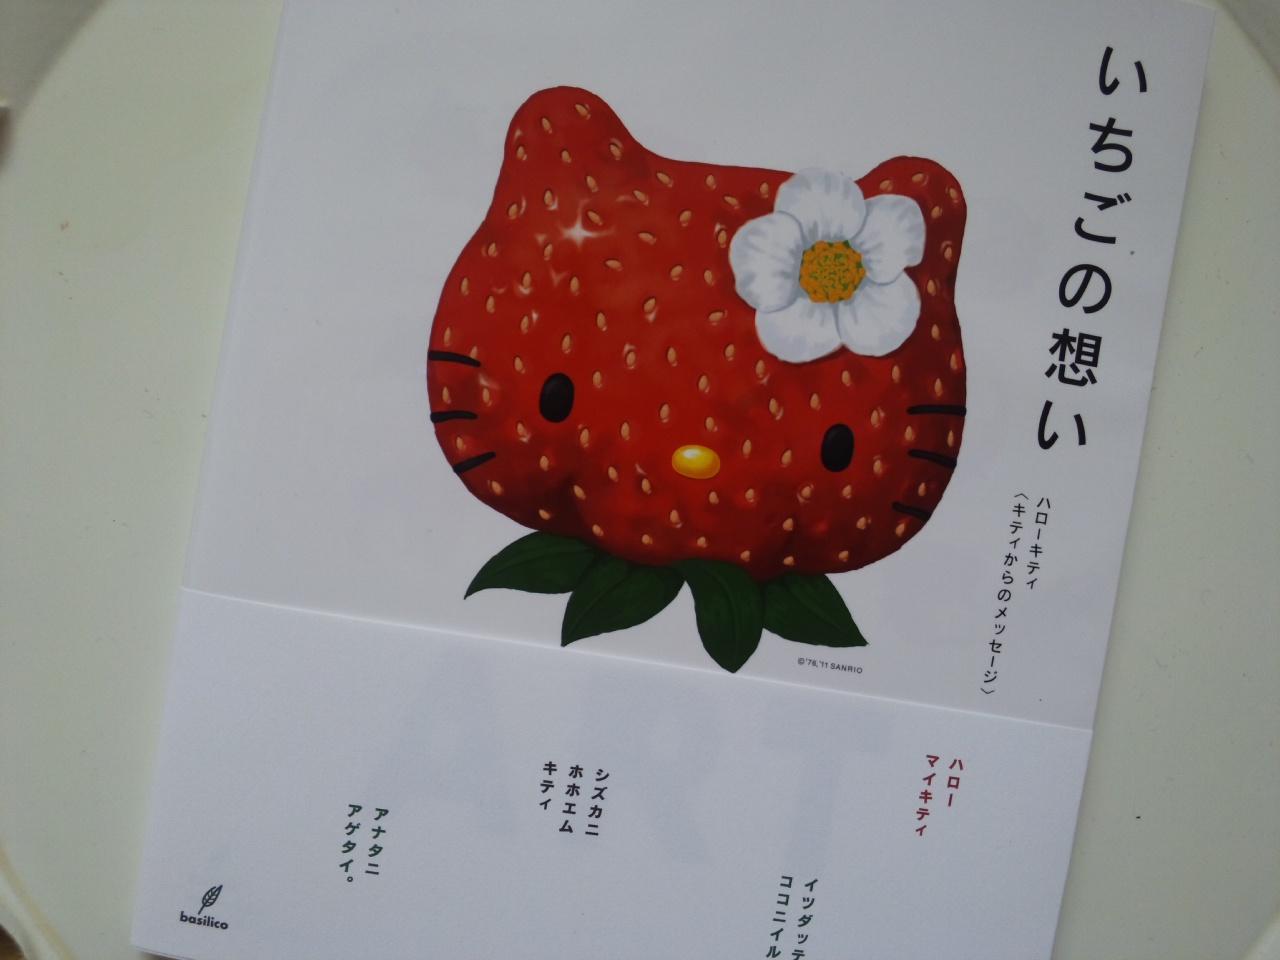 ハローキティアート展!